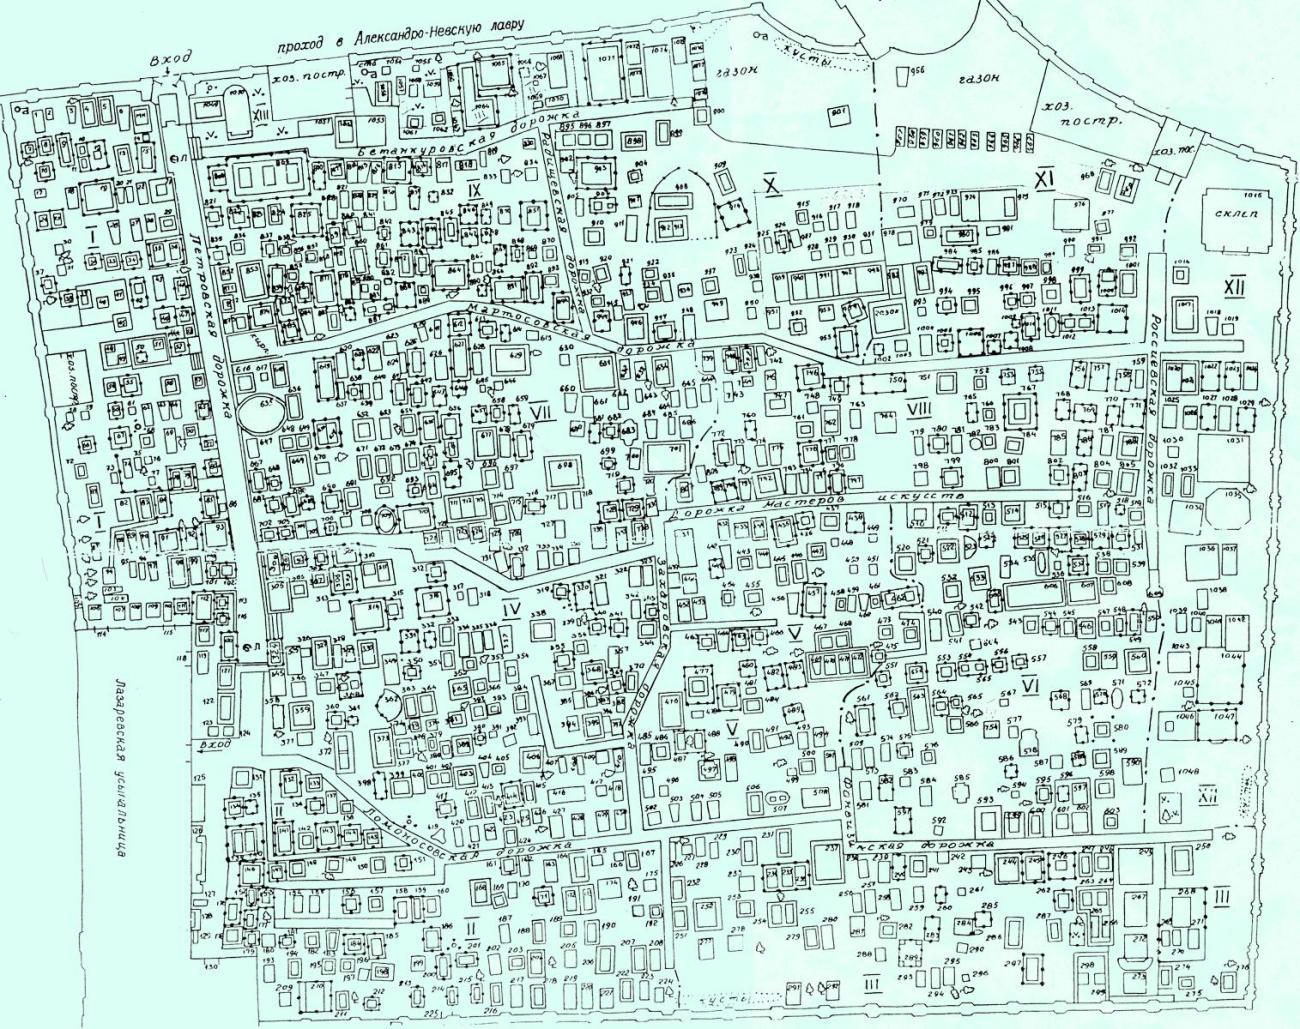 Памятник Строганову Сергею Григорьевичу (1707-1756), Строганову Александру Сергеевичу (1734-1811)  на карте